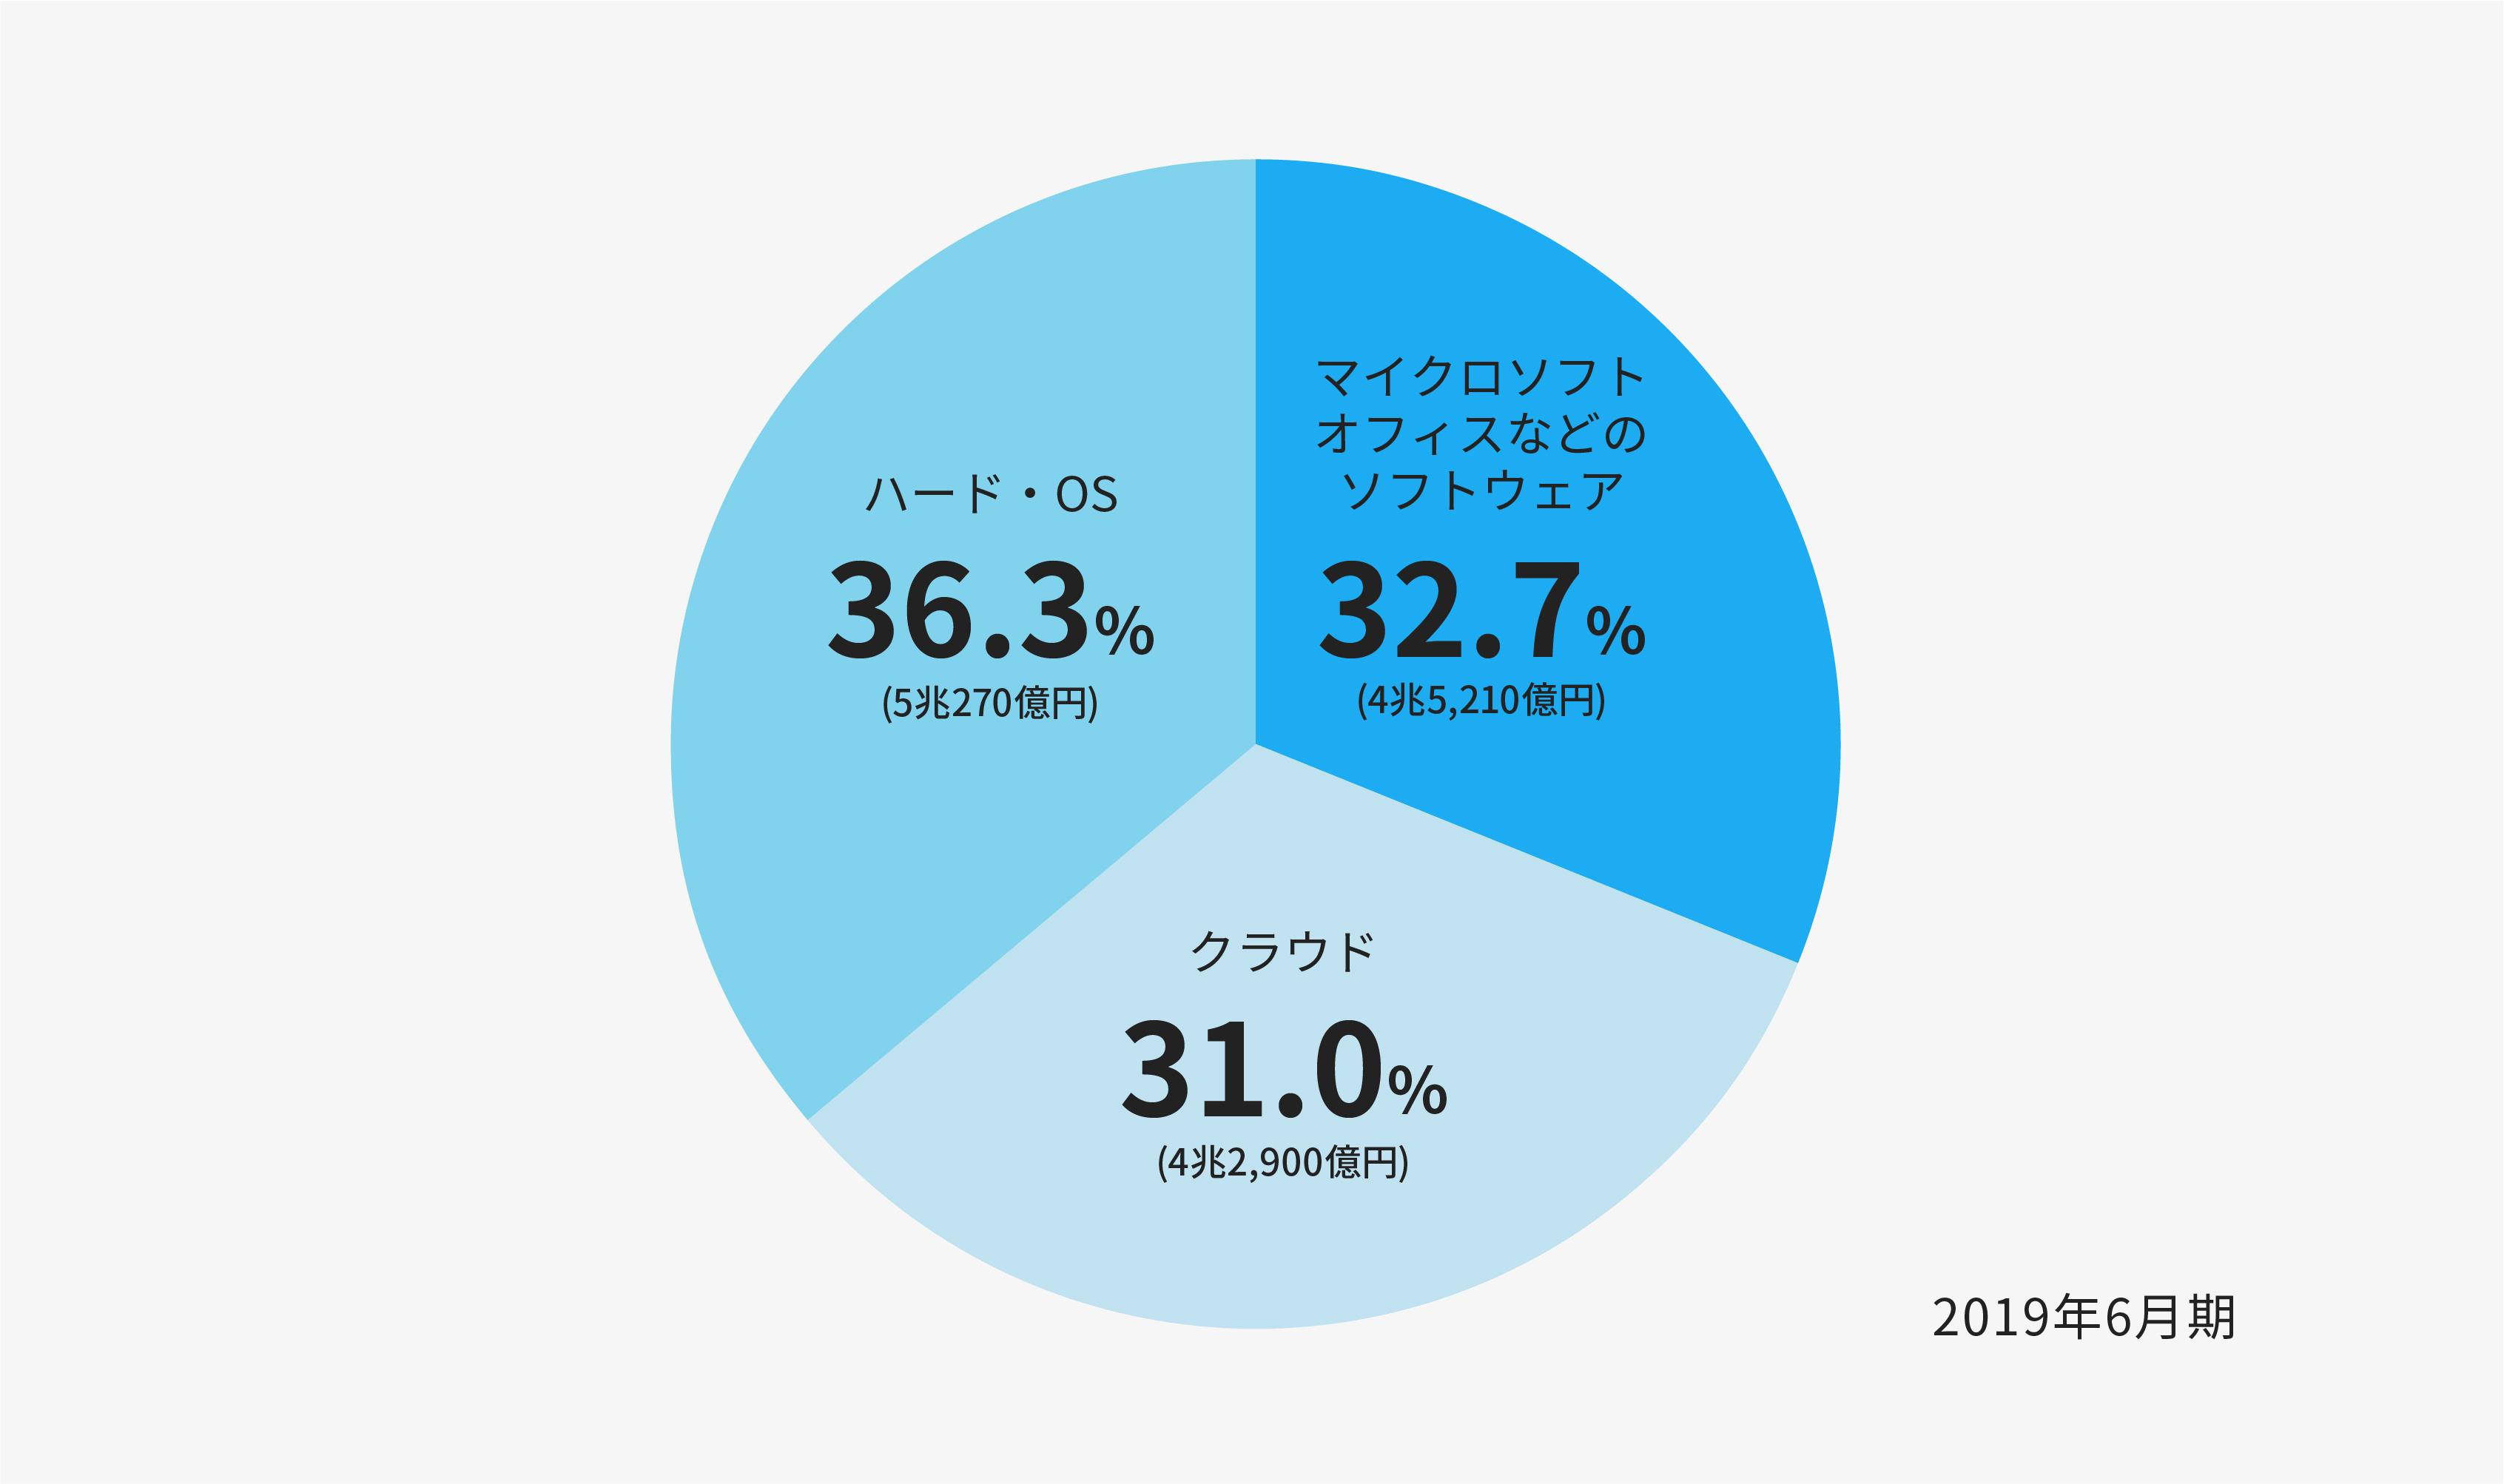 図:マイクロソフトの売上高ポートフォリオ